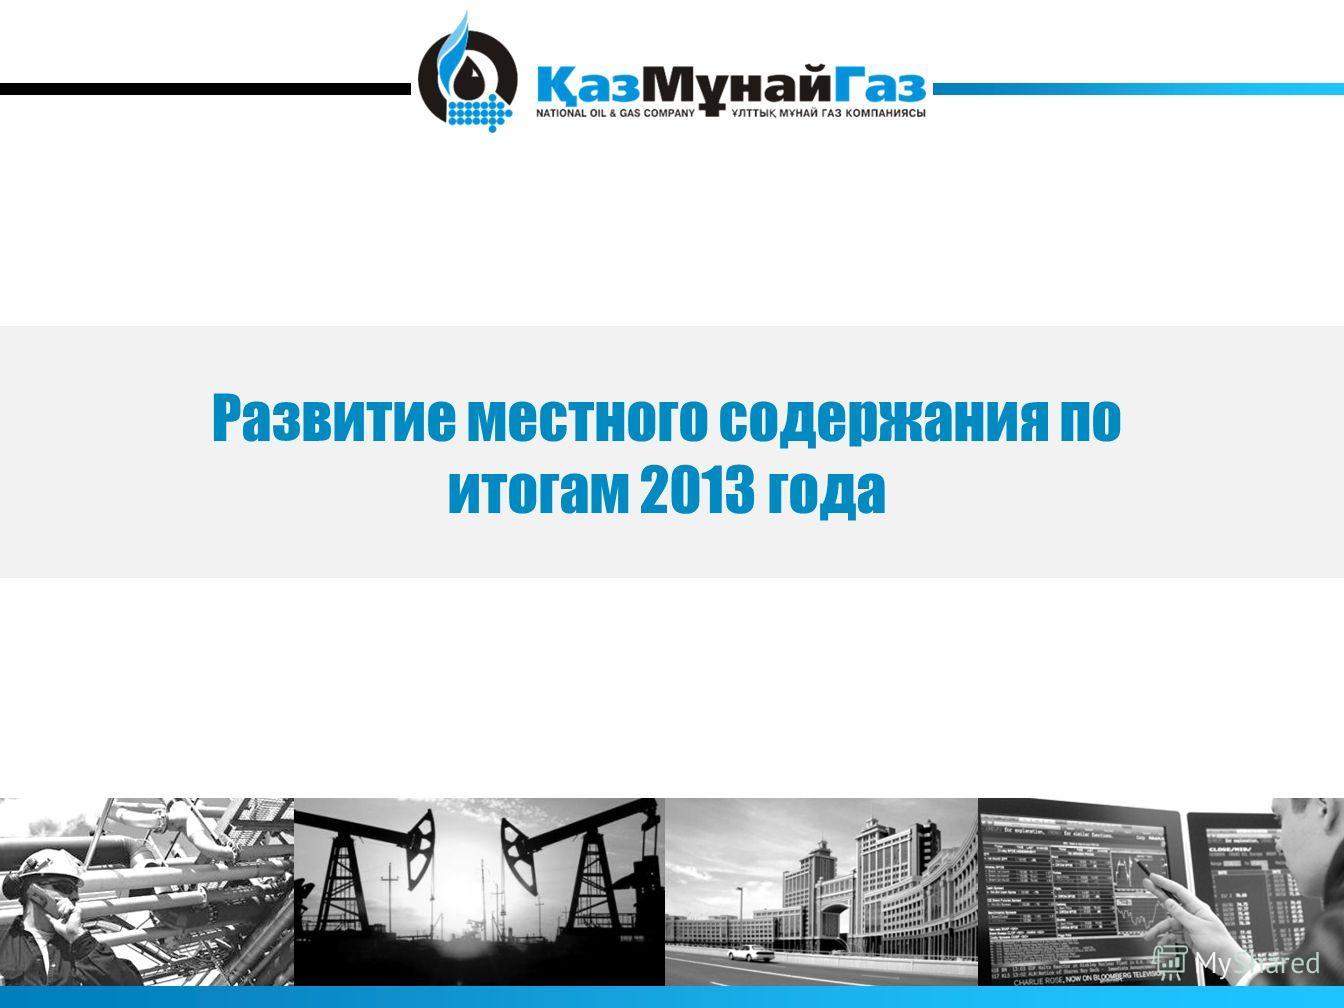 Развитие местного содержания по итогам 2013 года